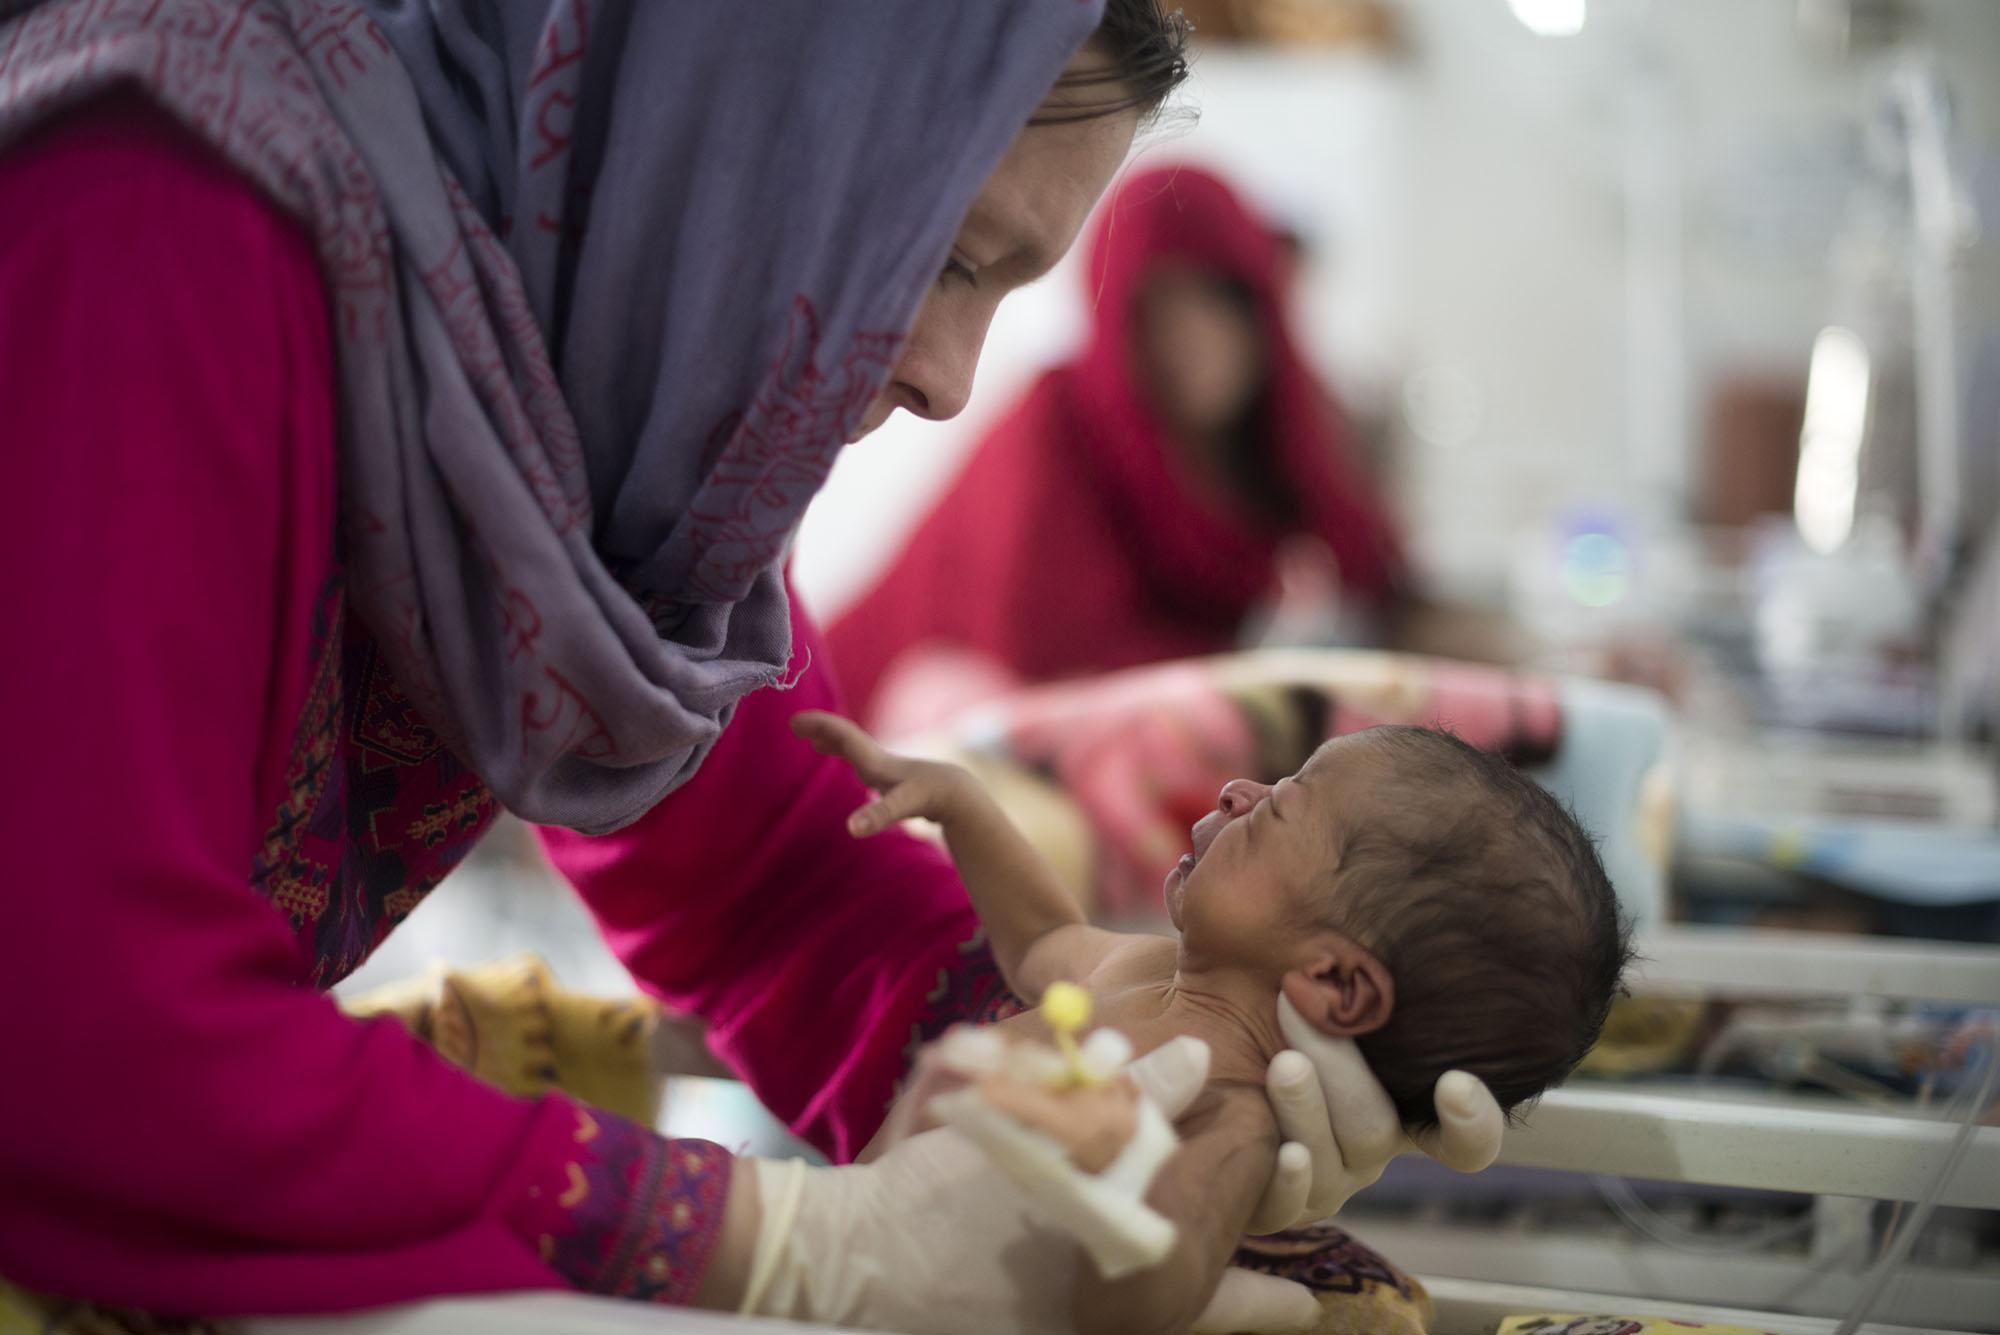 無國界醫生於霍斯特的產科醫院,提供免費和高品質的婦幼照護,以減低省內產婦死亡率。